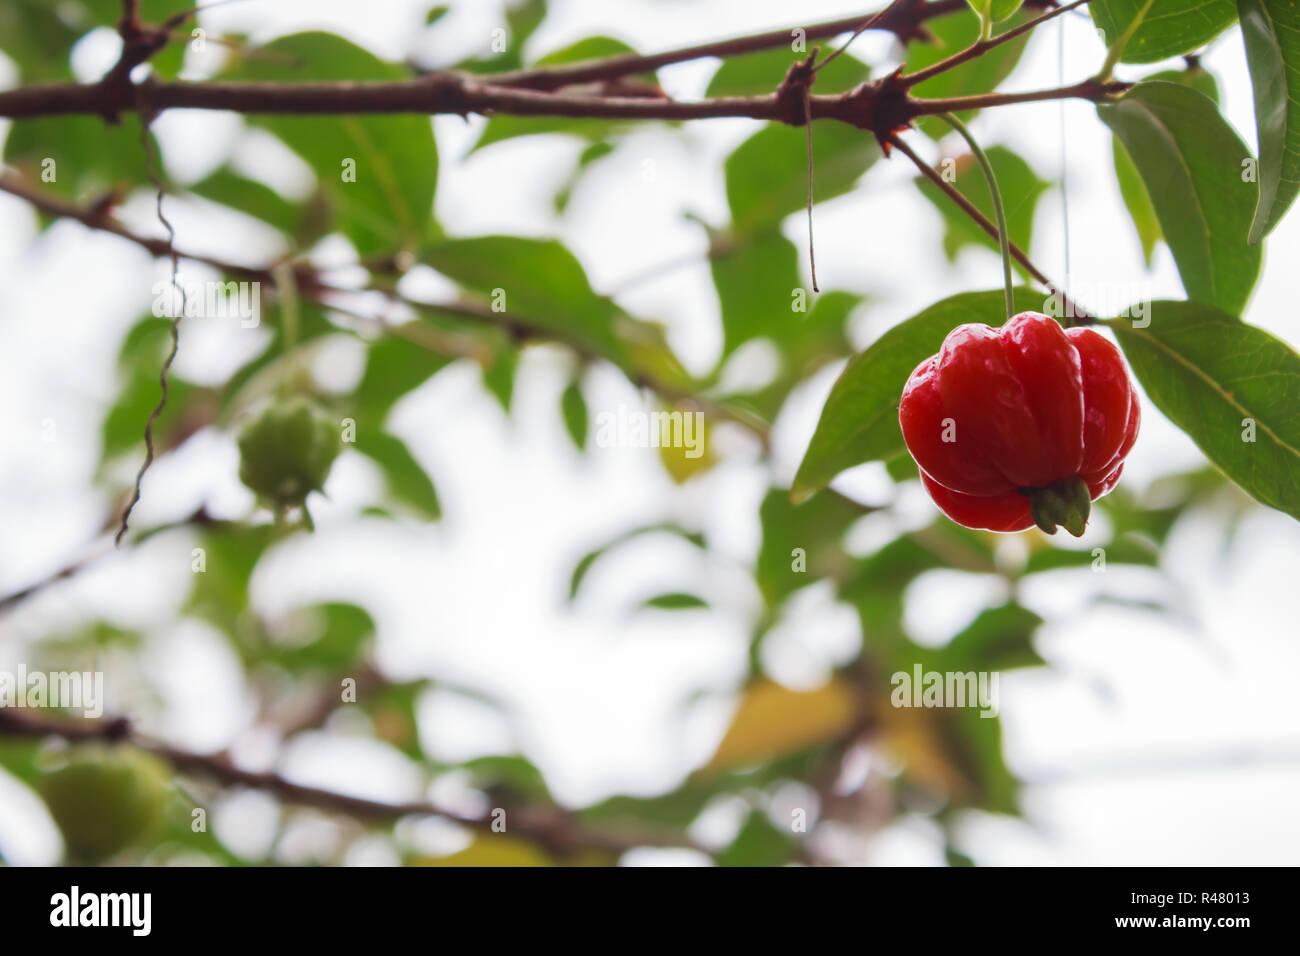 Fresche biologiche Acerola sull'albero, elevata di vitamina C e di frutta antiossidante Immagini Stock